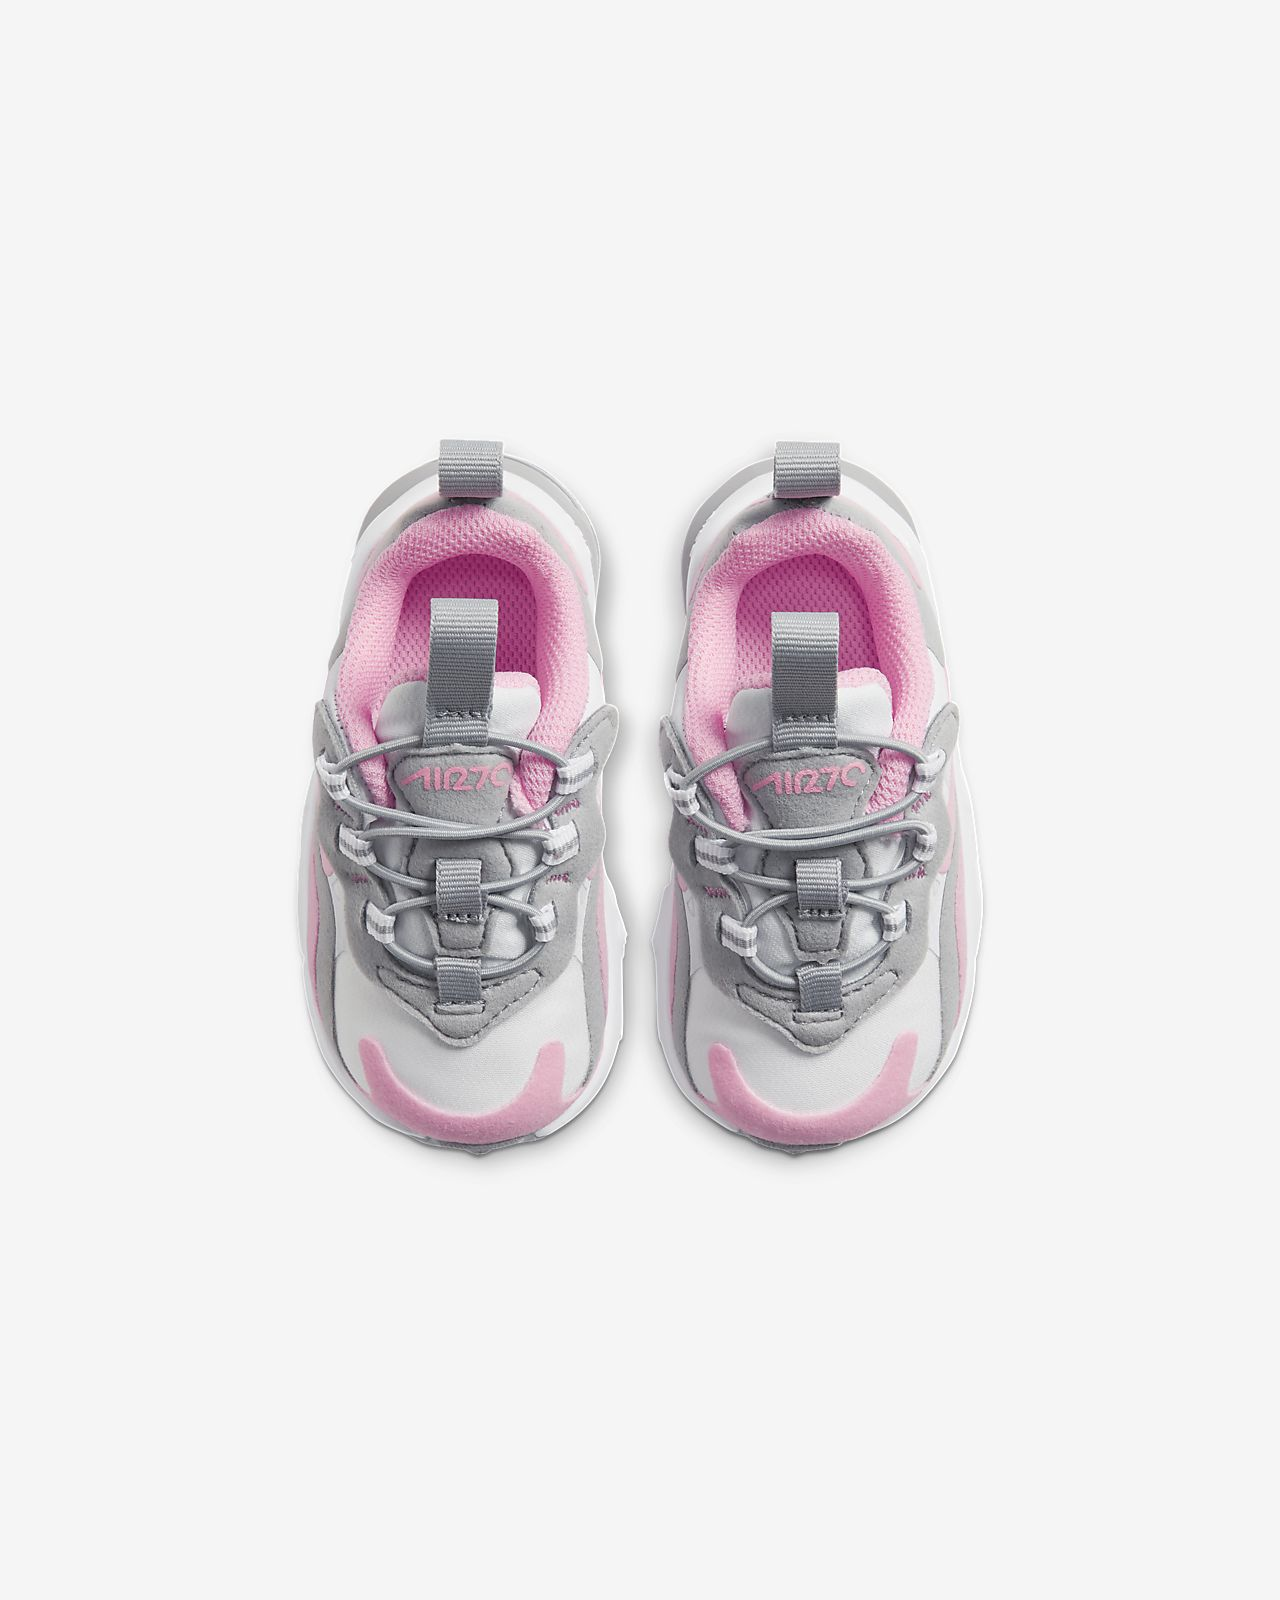 Air Max 270 RT sko til sped småbarn